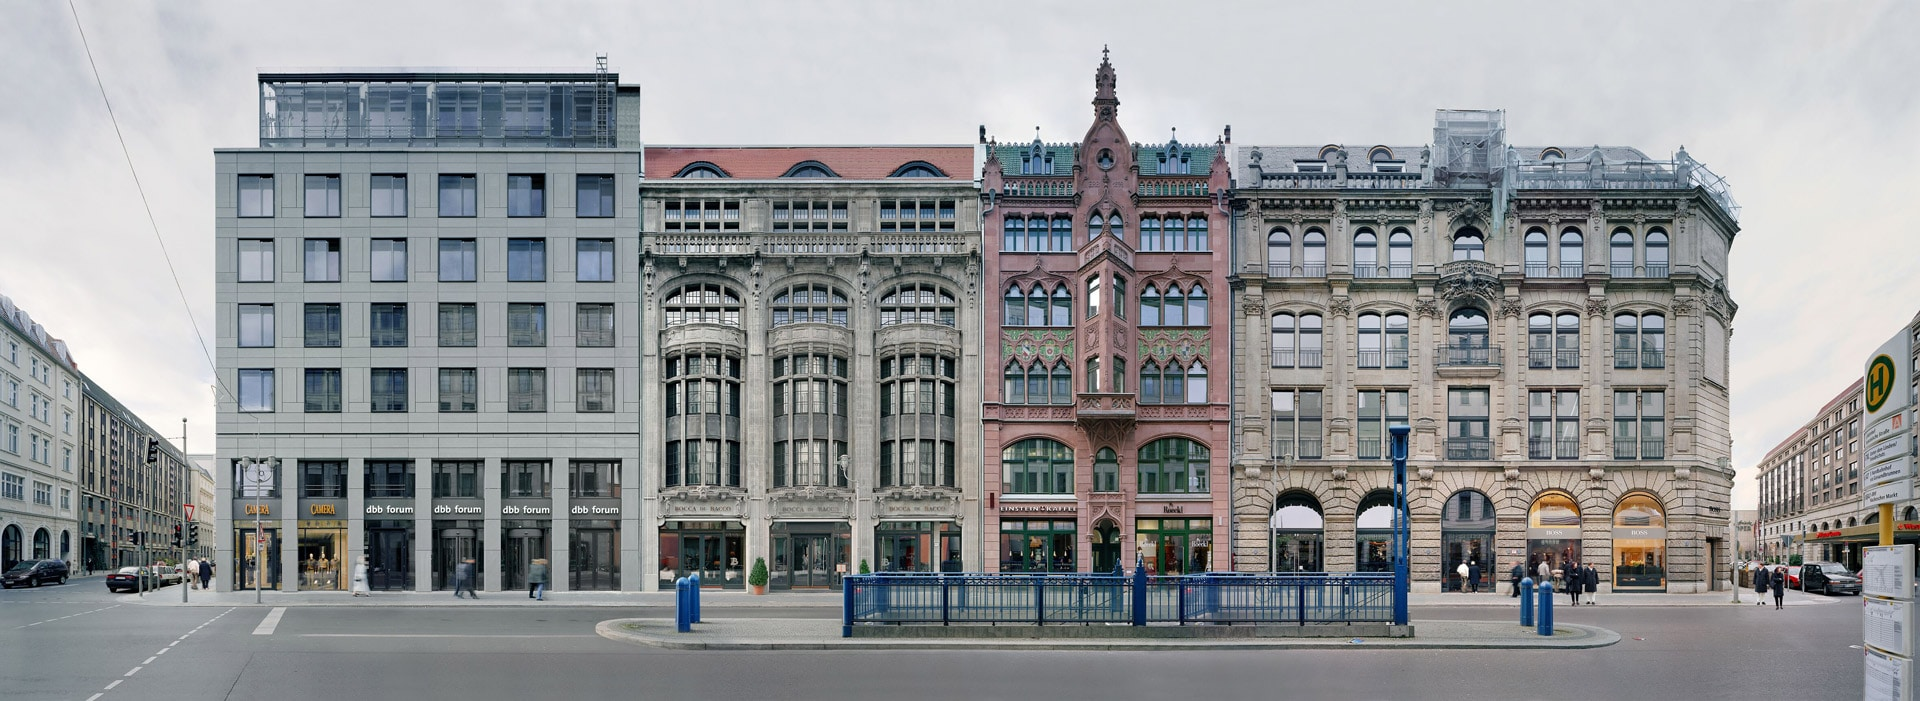 dbb Gebäude Ansicht Friedrichstraße